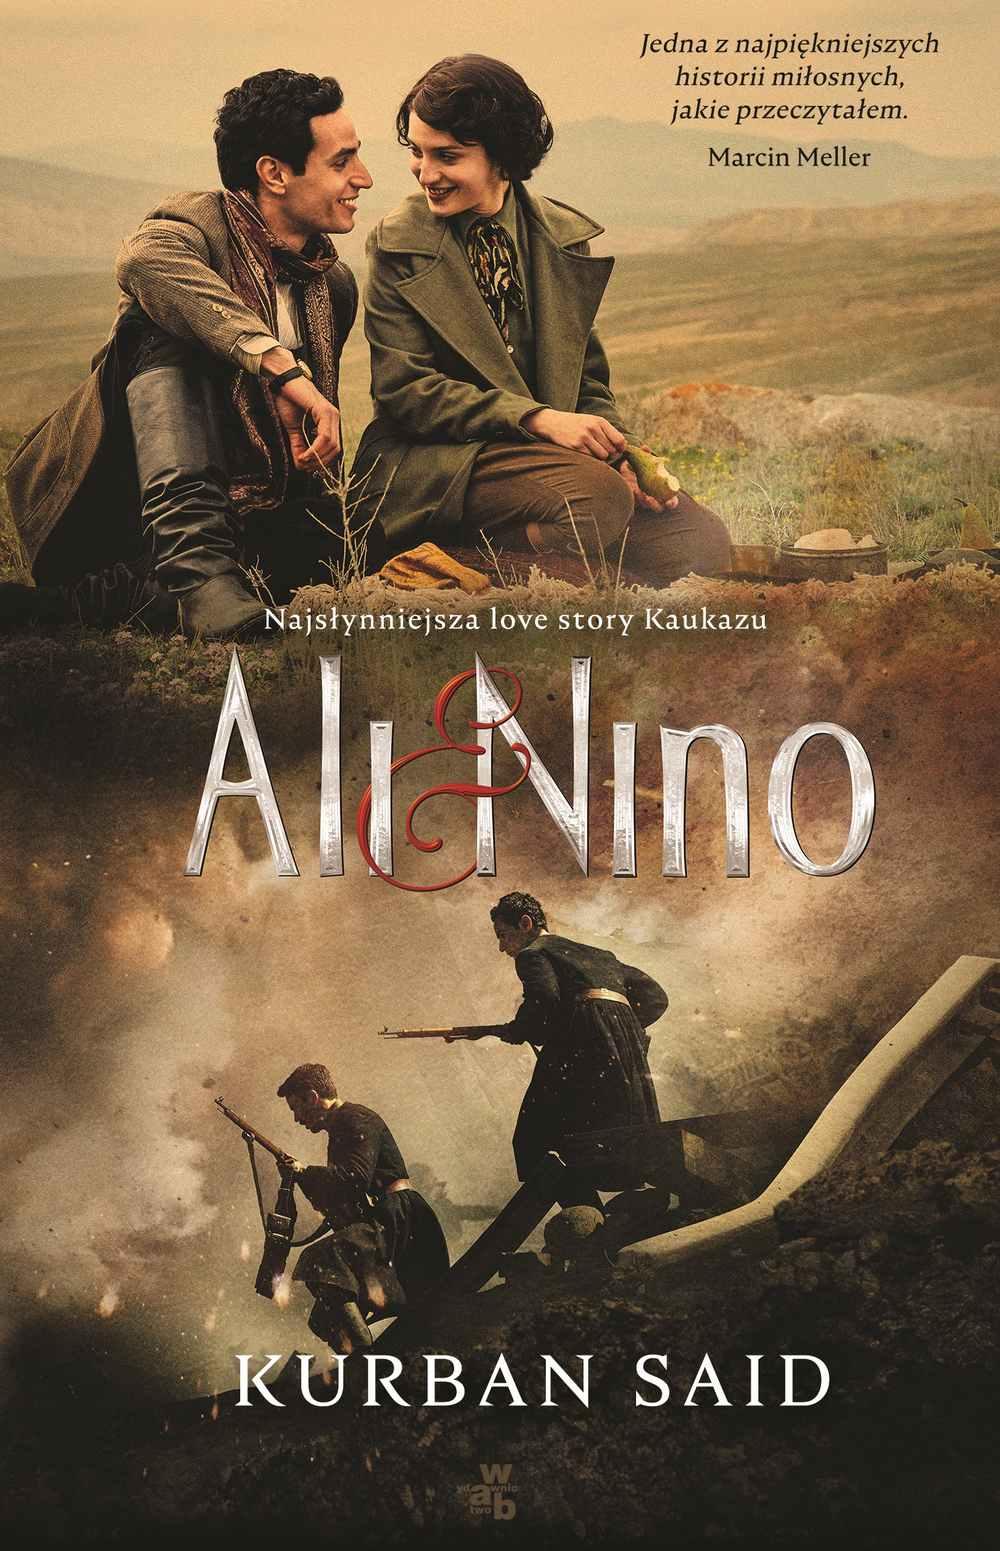 Ali i Nino - Ebook (Książka EPUB) do pobrania w formacie EPUB